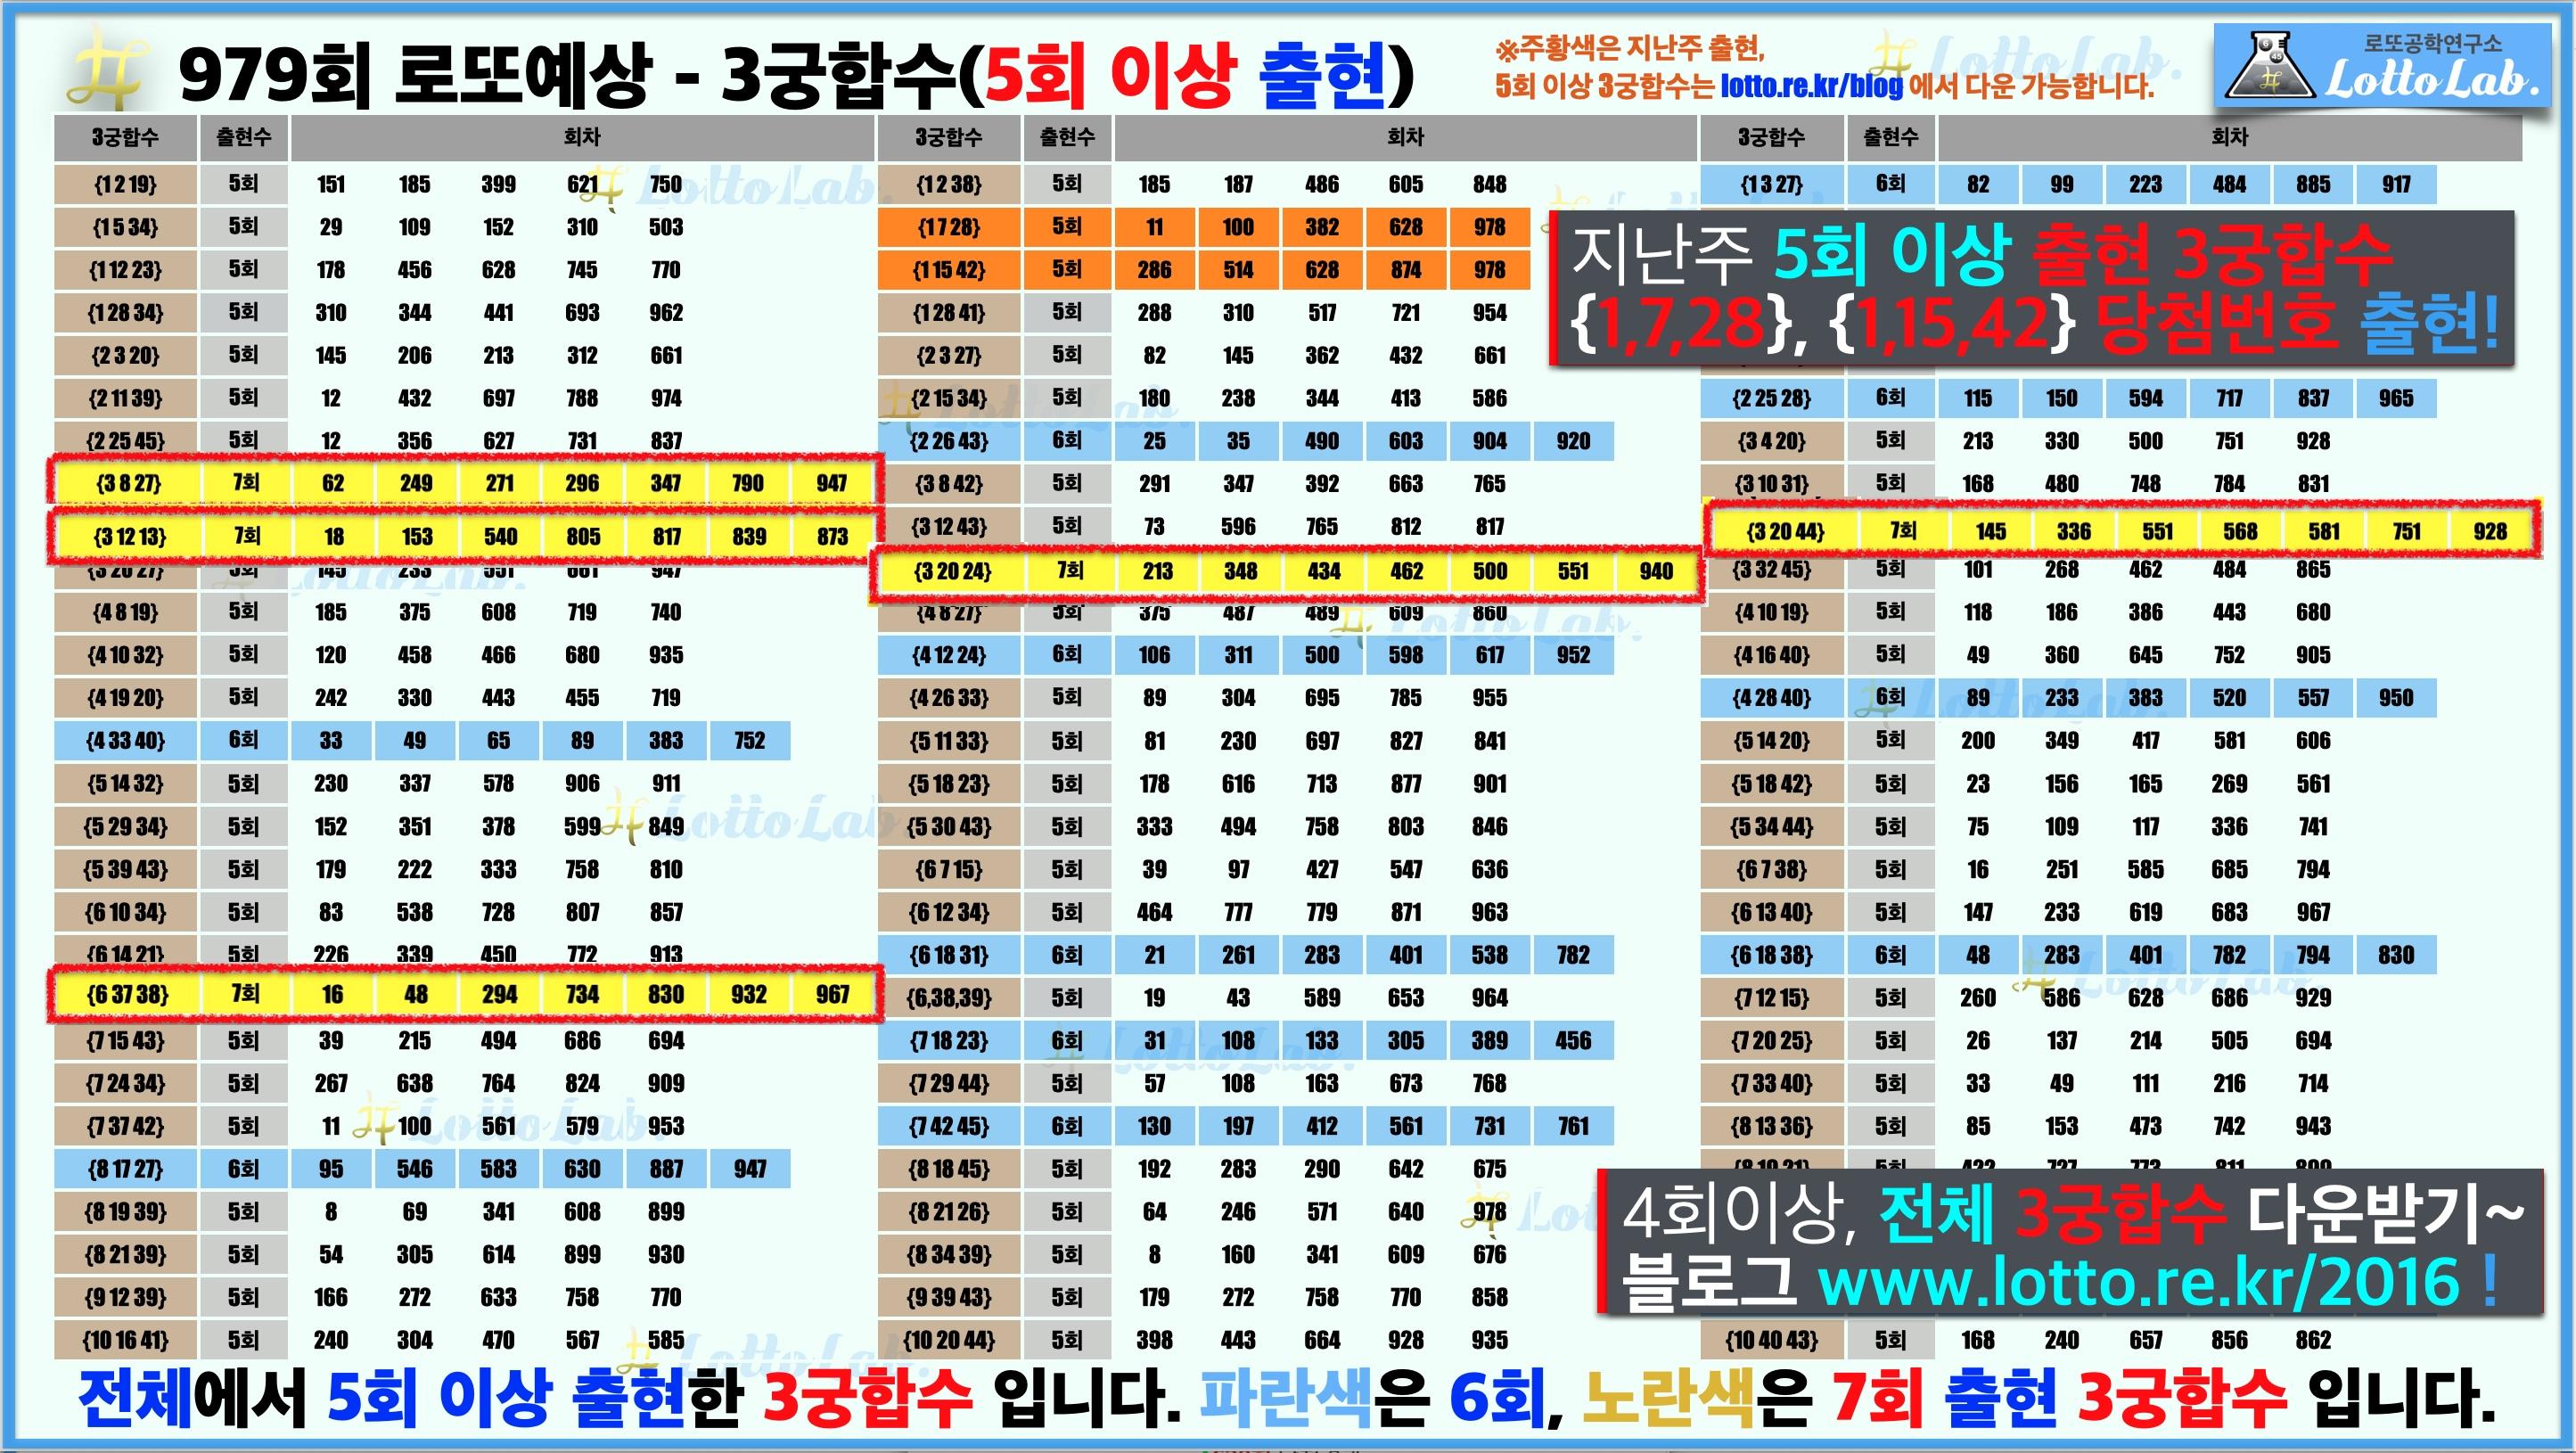 로또랩 로또979 당첨 번호 예상 - 3궁합수1